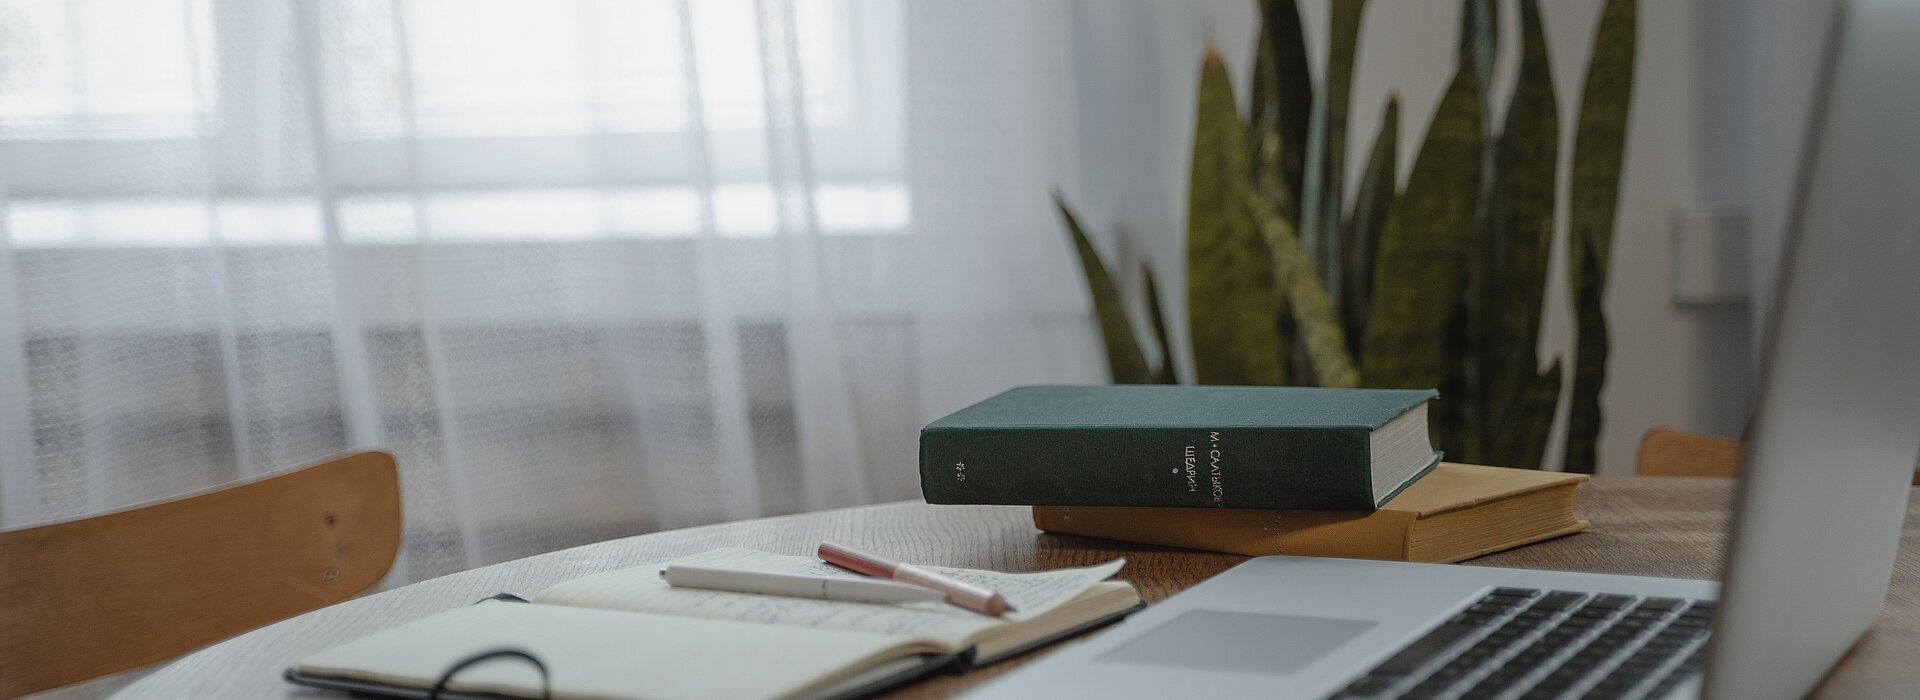 A imagem mostra uma planta ao fundo, uma mesa no primeiro plano, com um notebook, livros e um caderno com uma caneta. A foto é clara, pois tem uma janela no fundo.